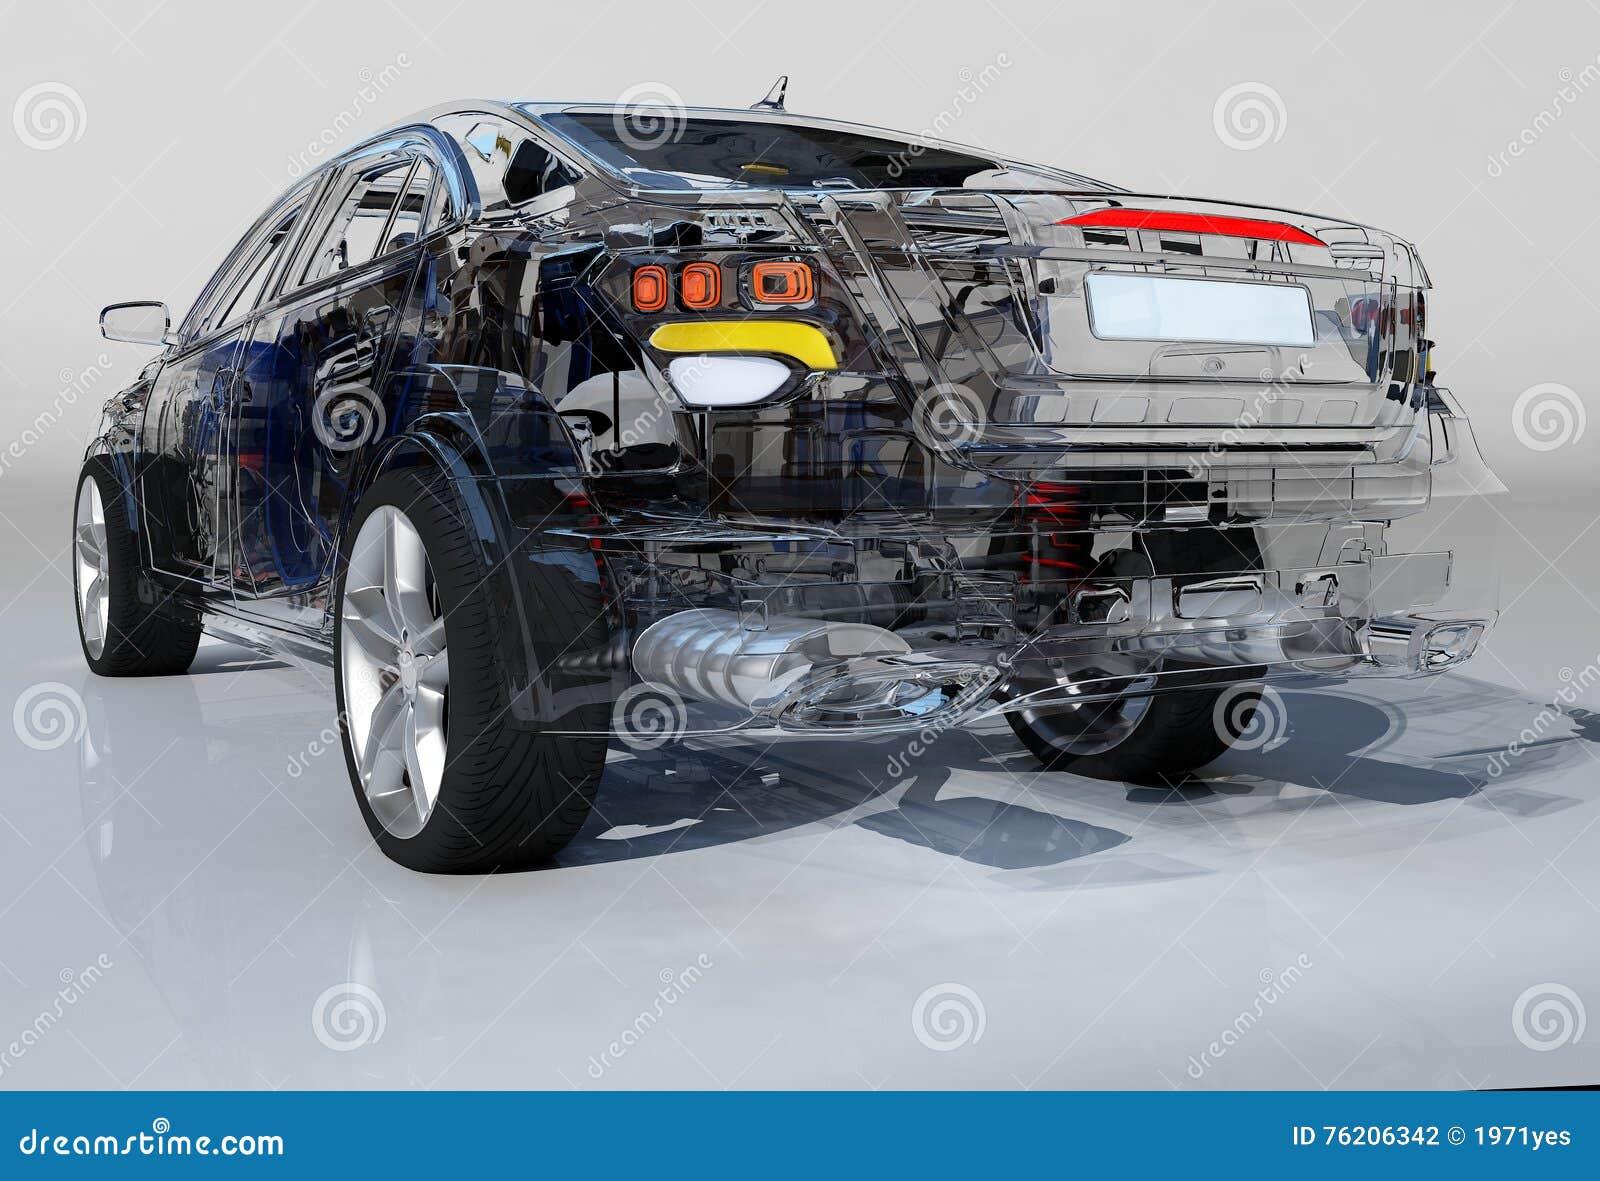 transparent model cars stock illustration image 76206342. Black Bedroom Furniture Sets. Home Design Ideas